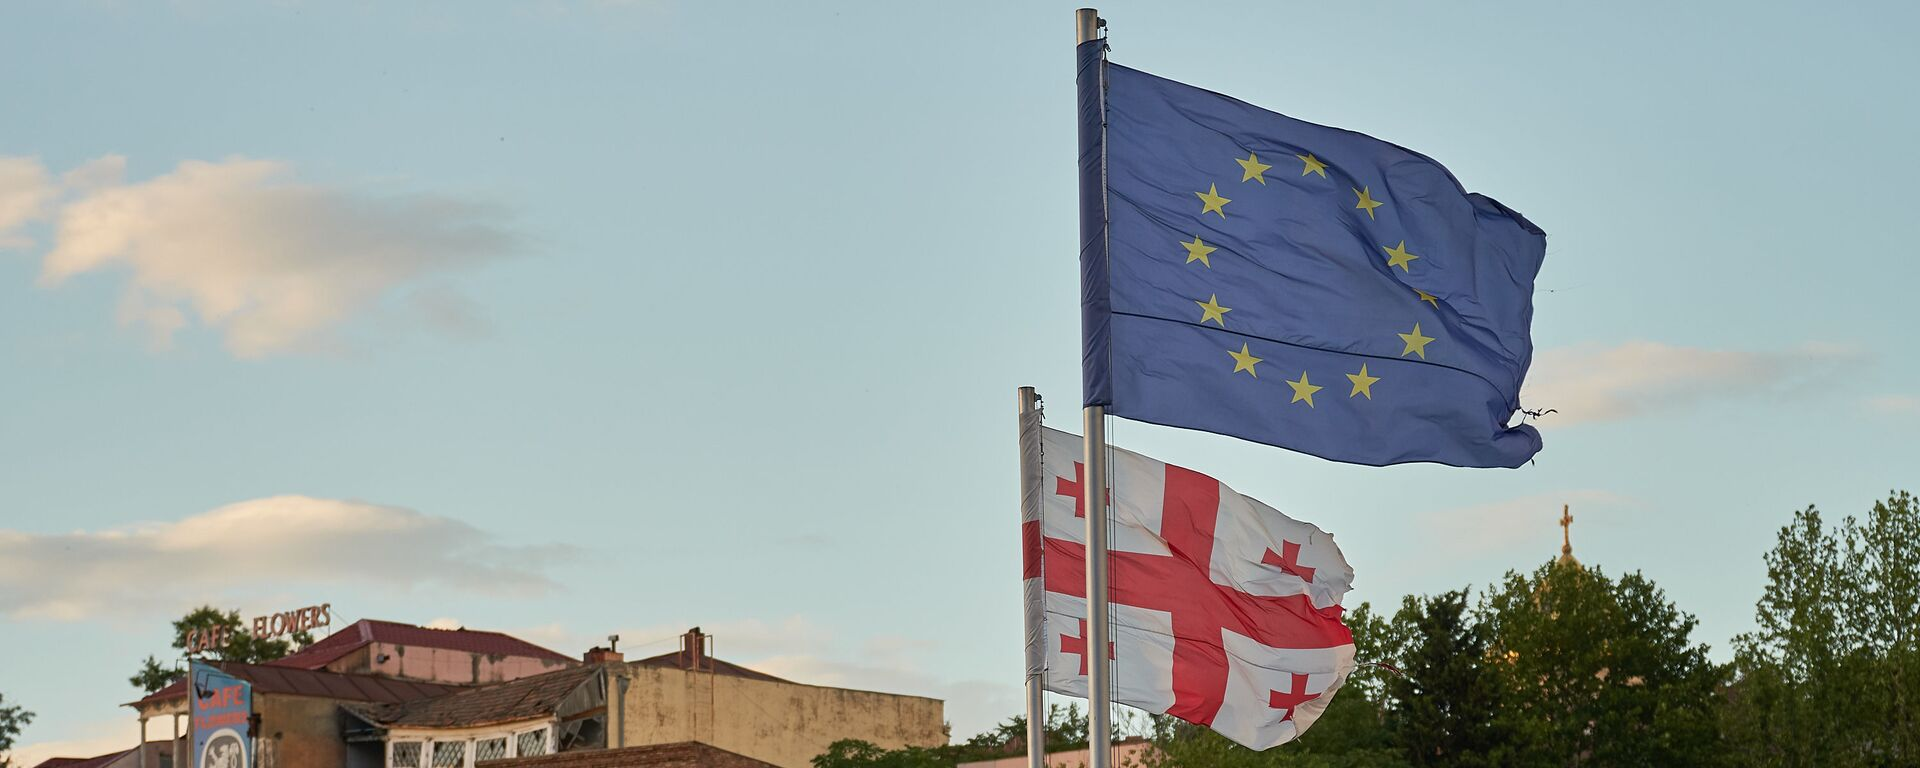 Флаги Грузии и Евросоюза на площади Европы в центре Тбилиси - Sputnik Грузия, 1920, 09.12.2020